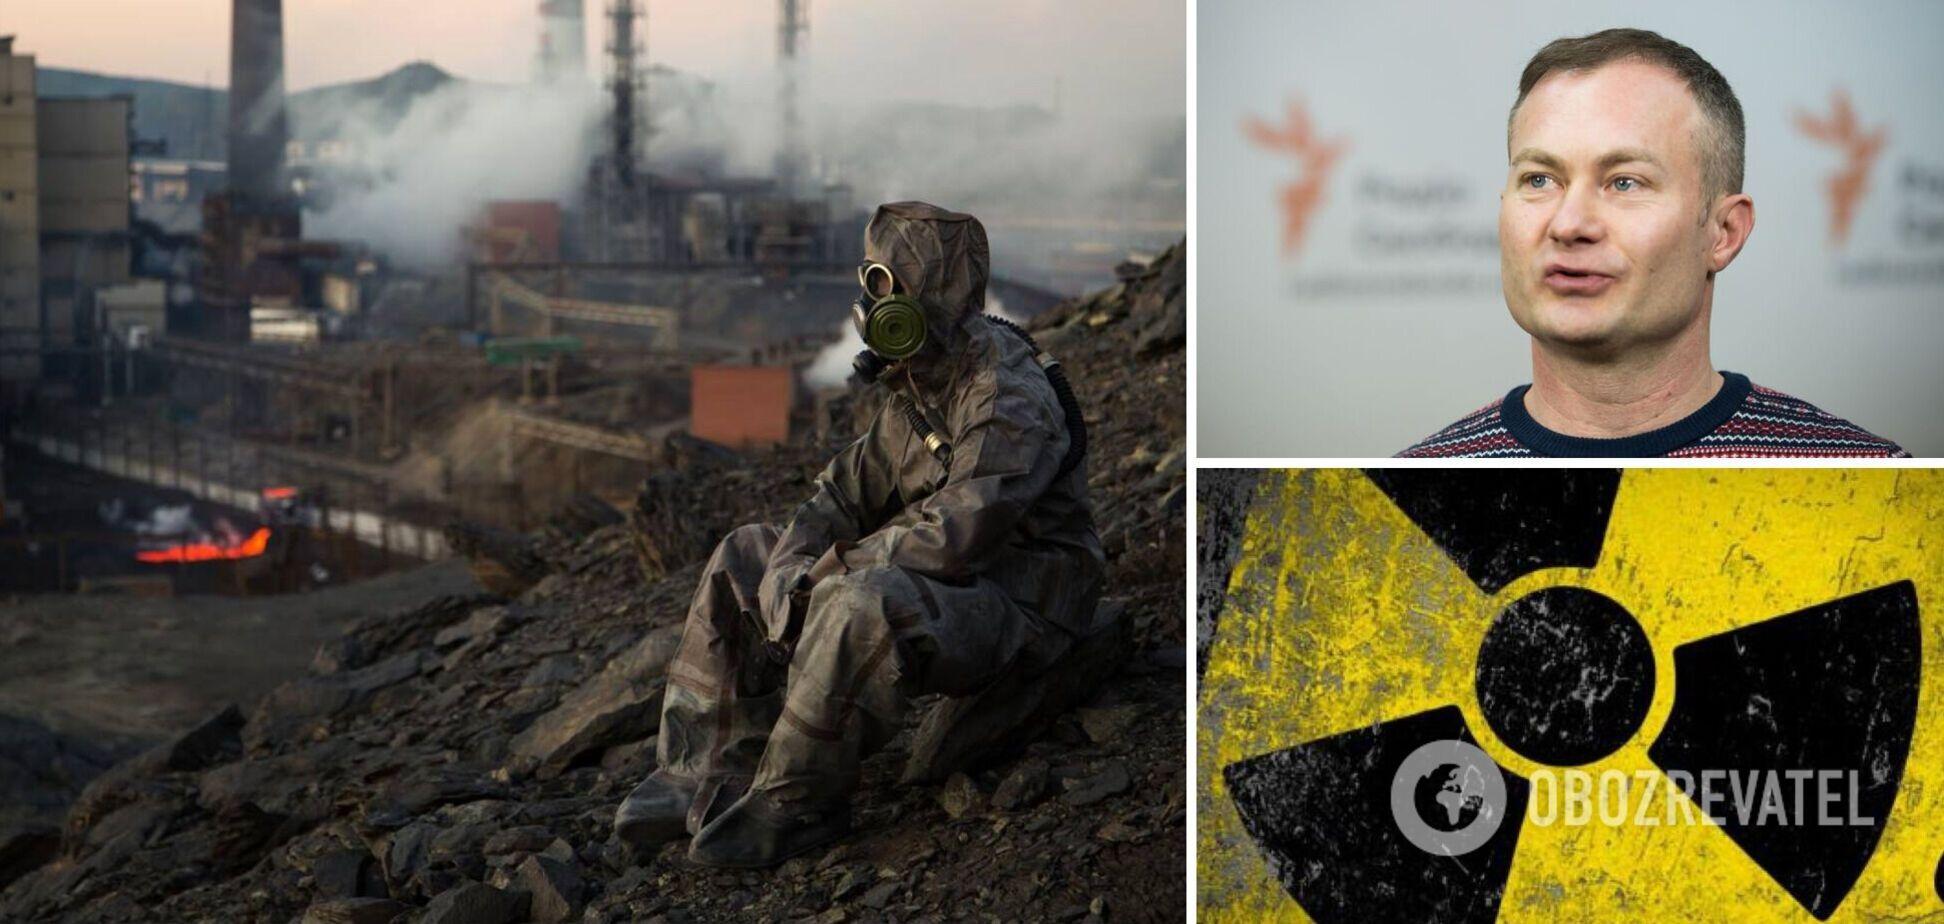 Донбасс столкнулся с угрозой радиации: в ТКГ пояснили, о чем речь